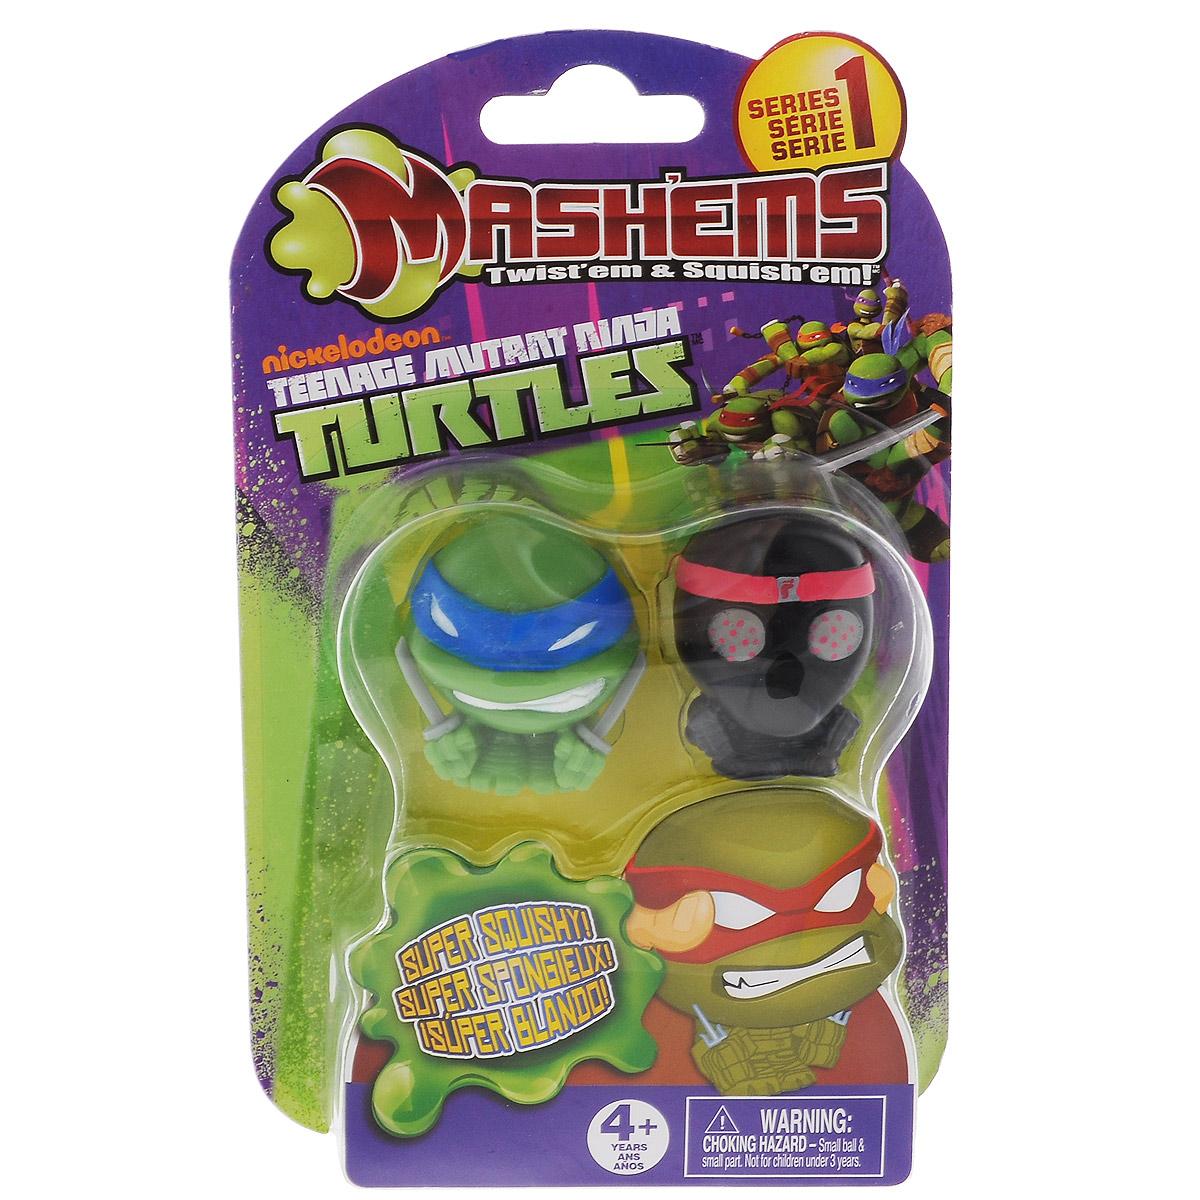 Игрушки-мялки Mash'Ems Черепашки Ниндзя nickelodeon игрушка детская черепашки ниндзя игрушки мялки 6 шт в наборе